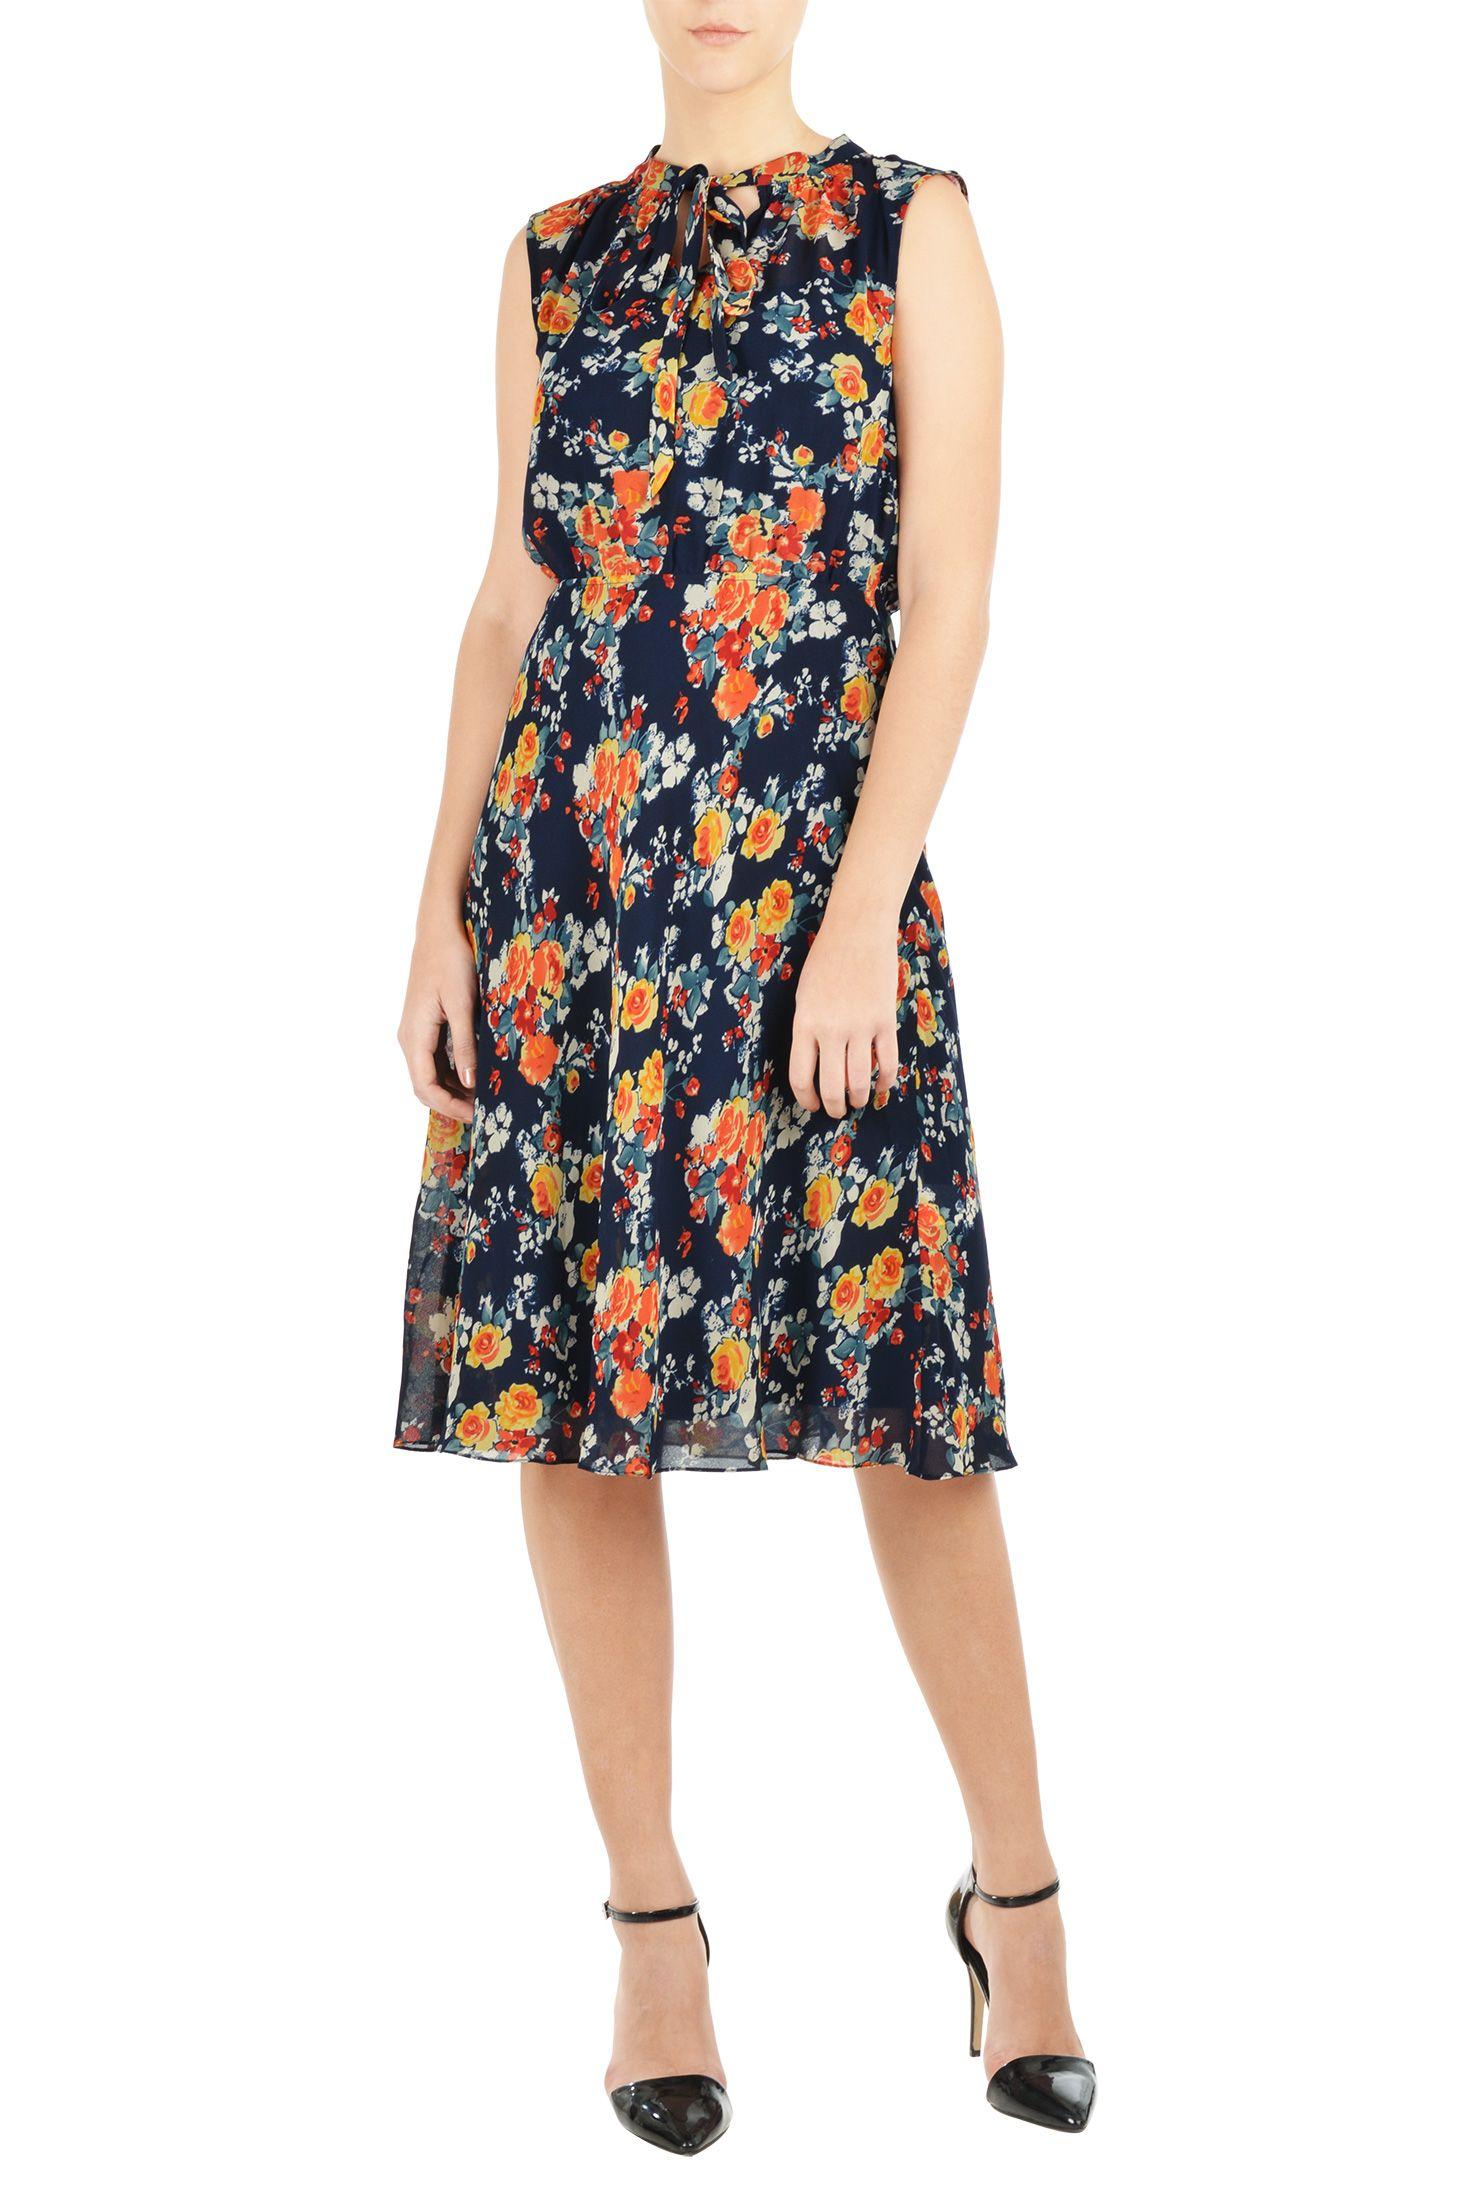 Banded round neck dresses below knee length dresses blue dresses